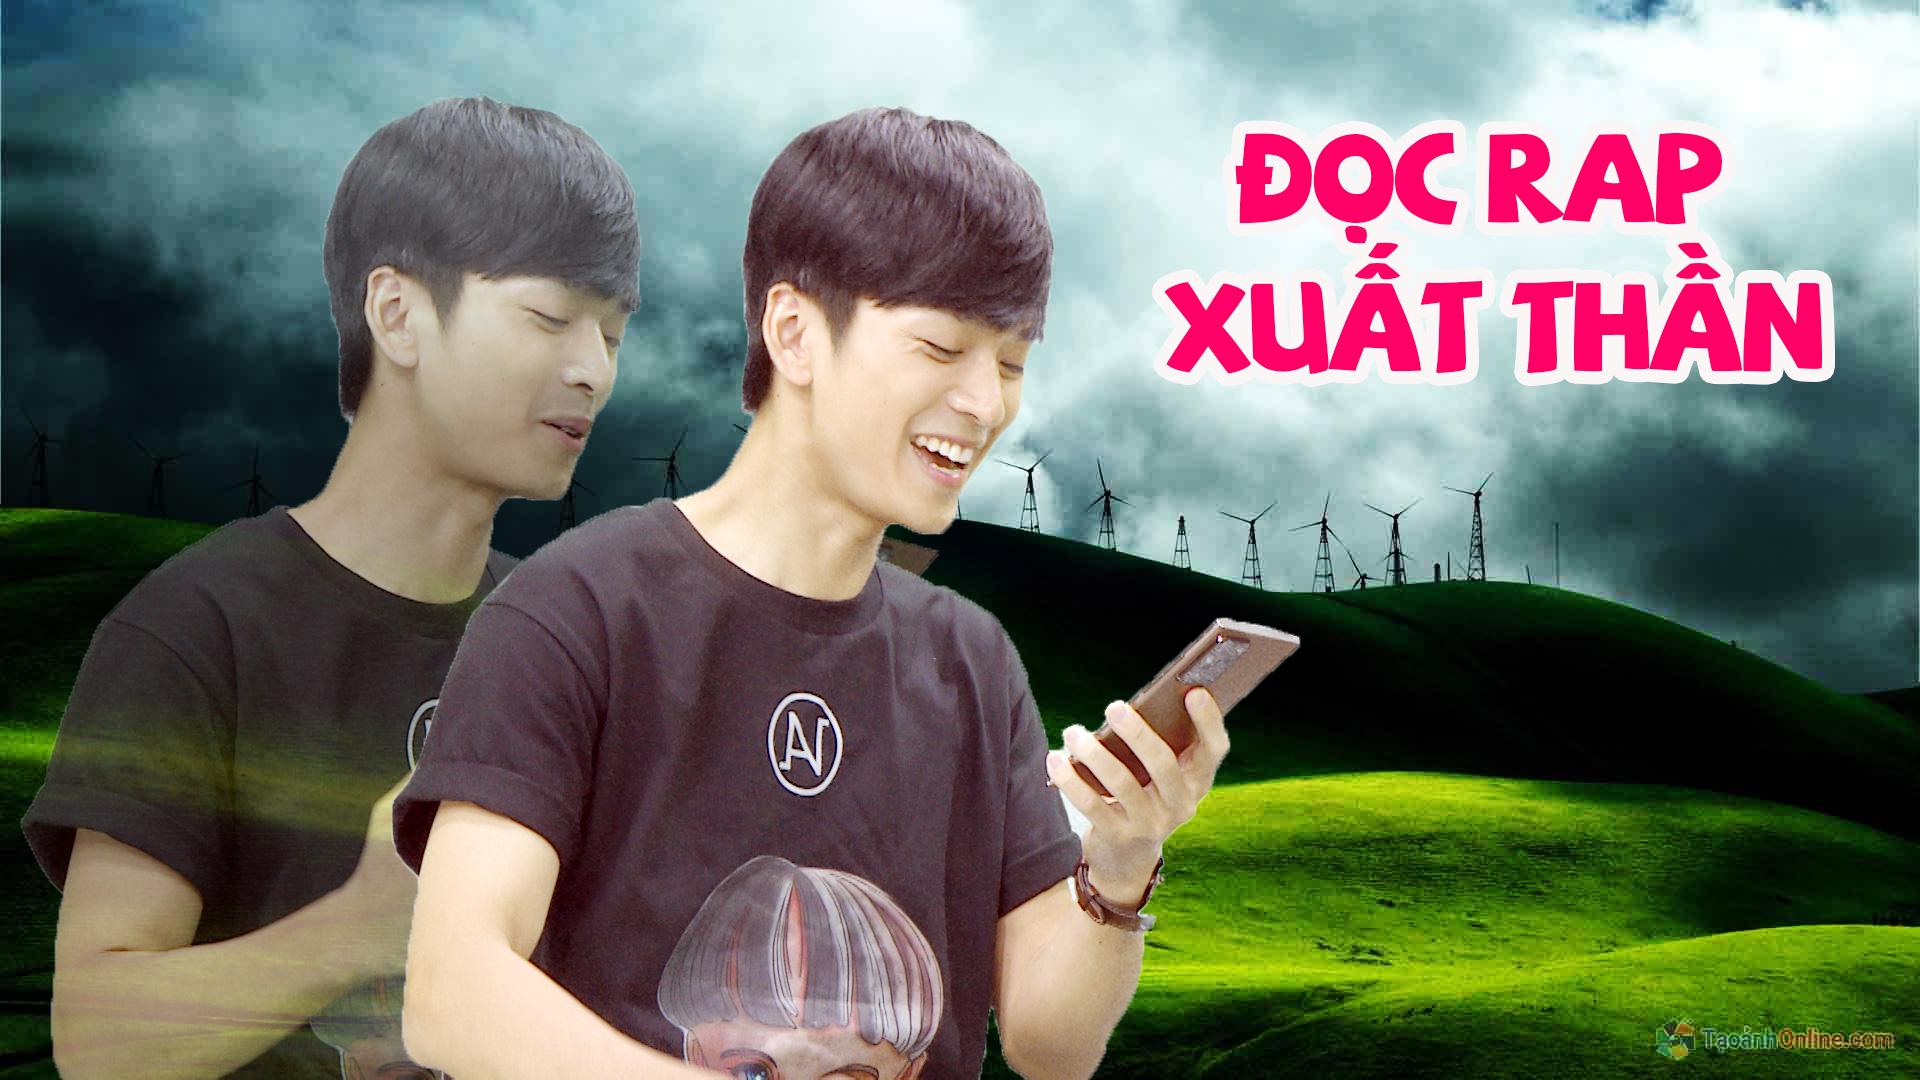 Hết hồn khi Trần Nghĩa rap live Lâu - Phai, Kai Đinh sửng sốt: Hóa ra là giấu nghề